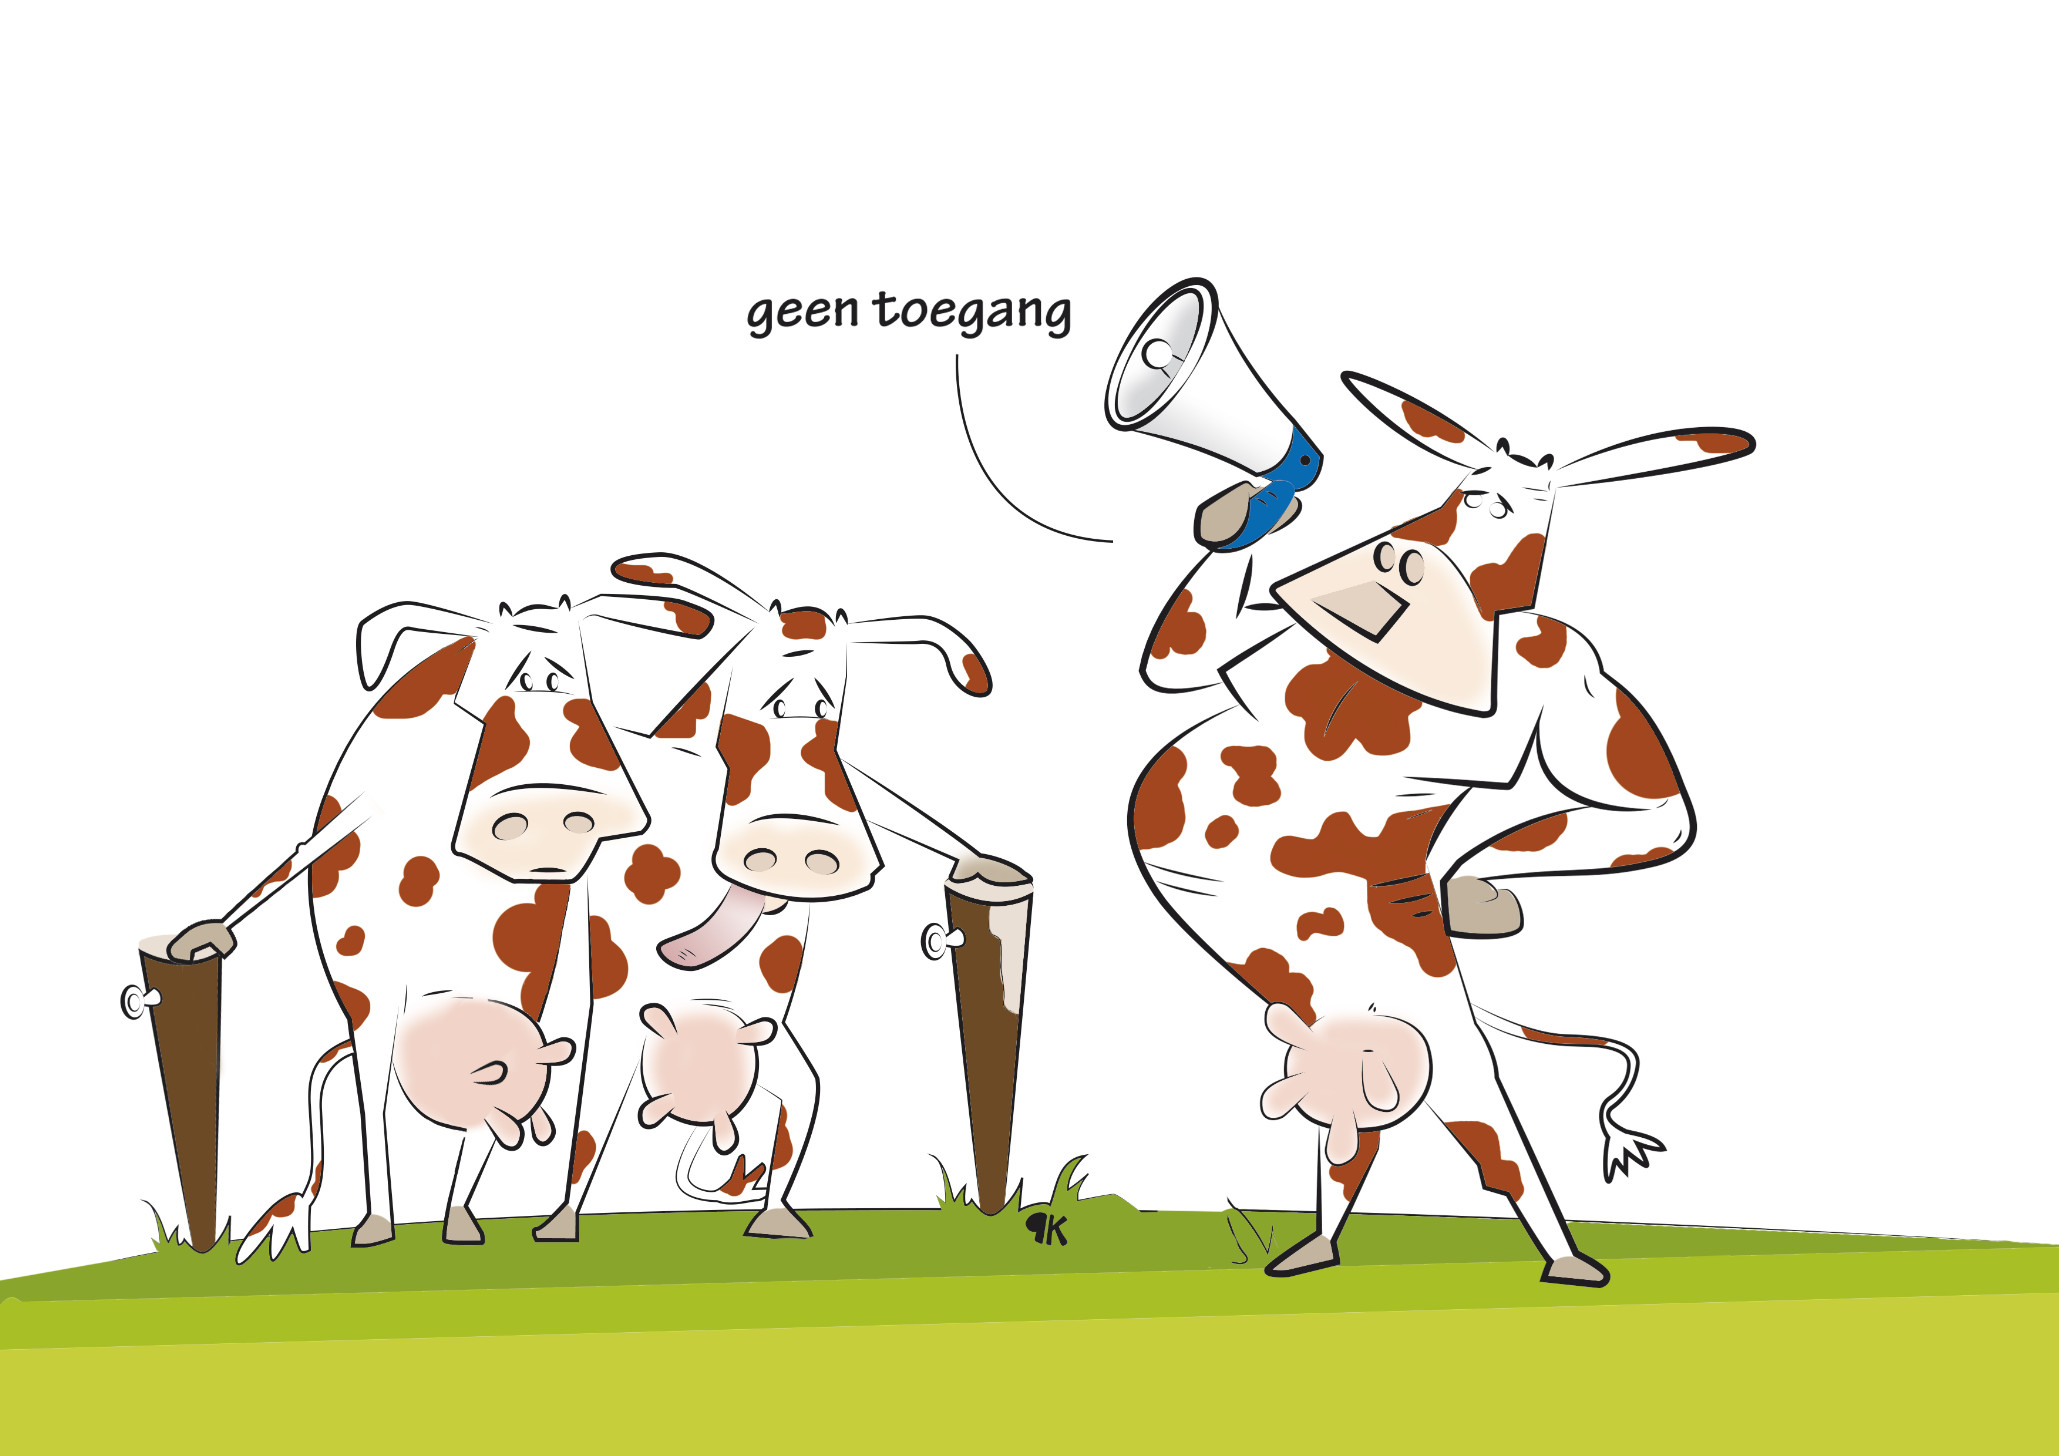 Tijdelijke maatregel FC leverde 35 miljoen kilo minder melk op